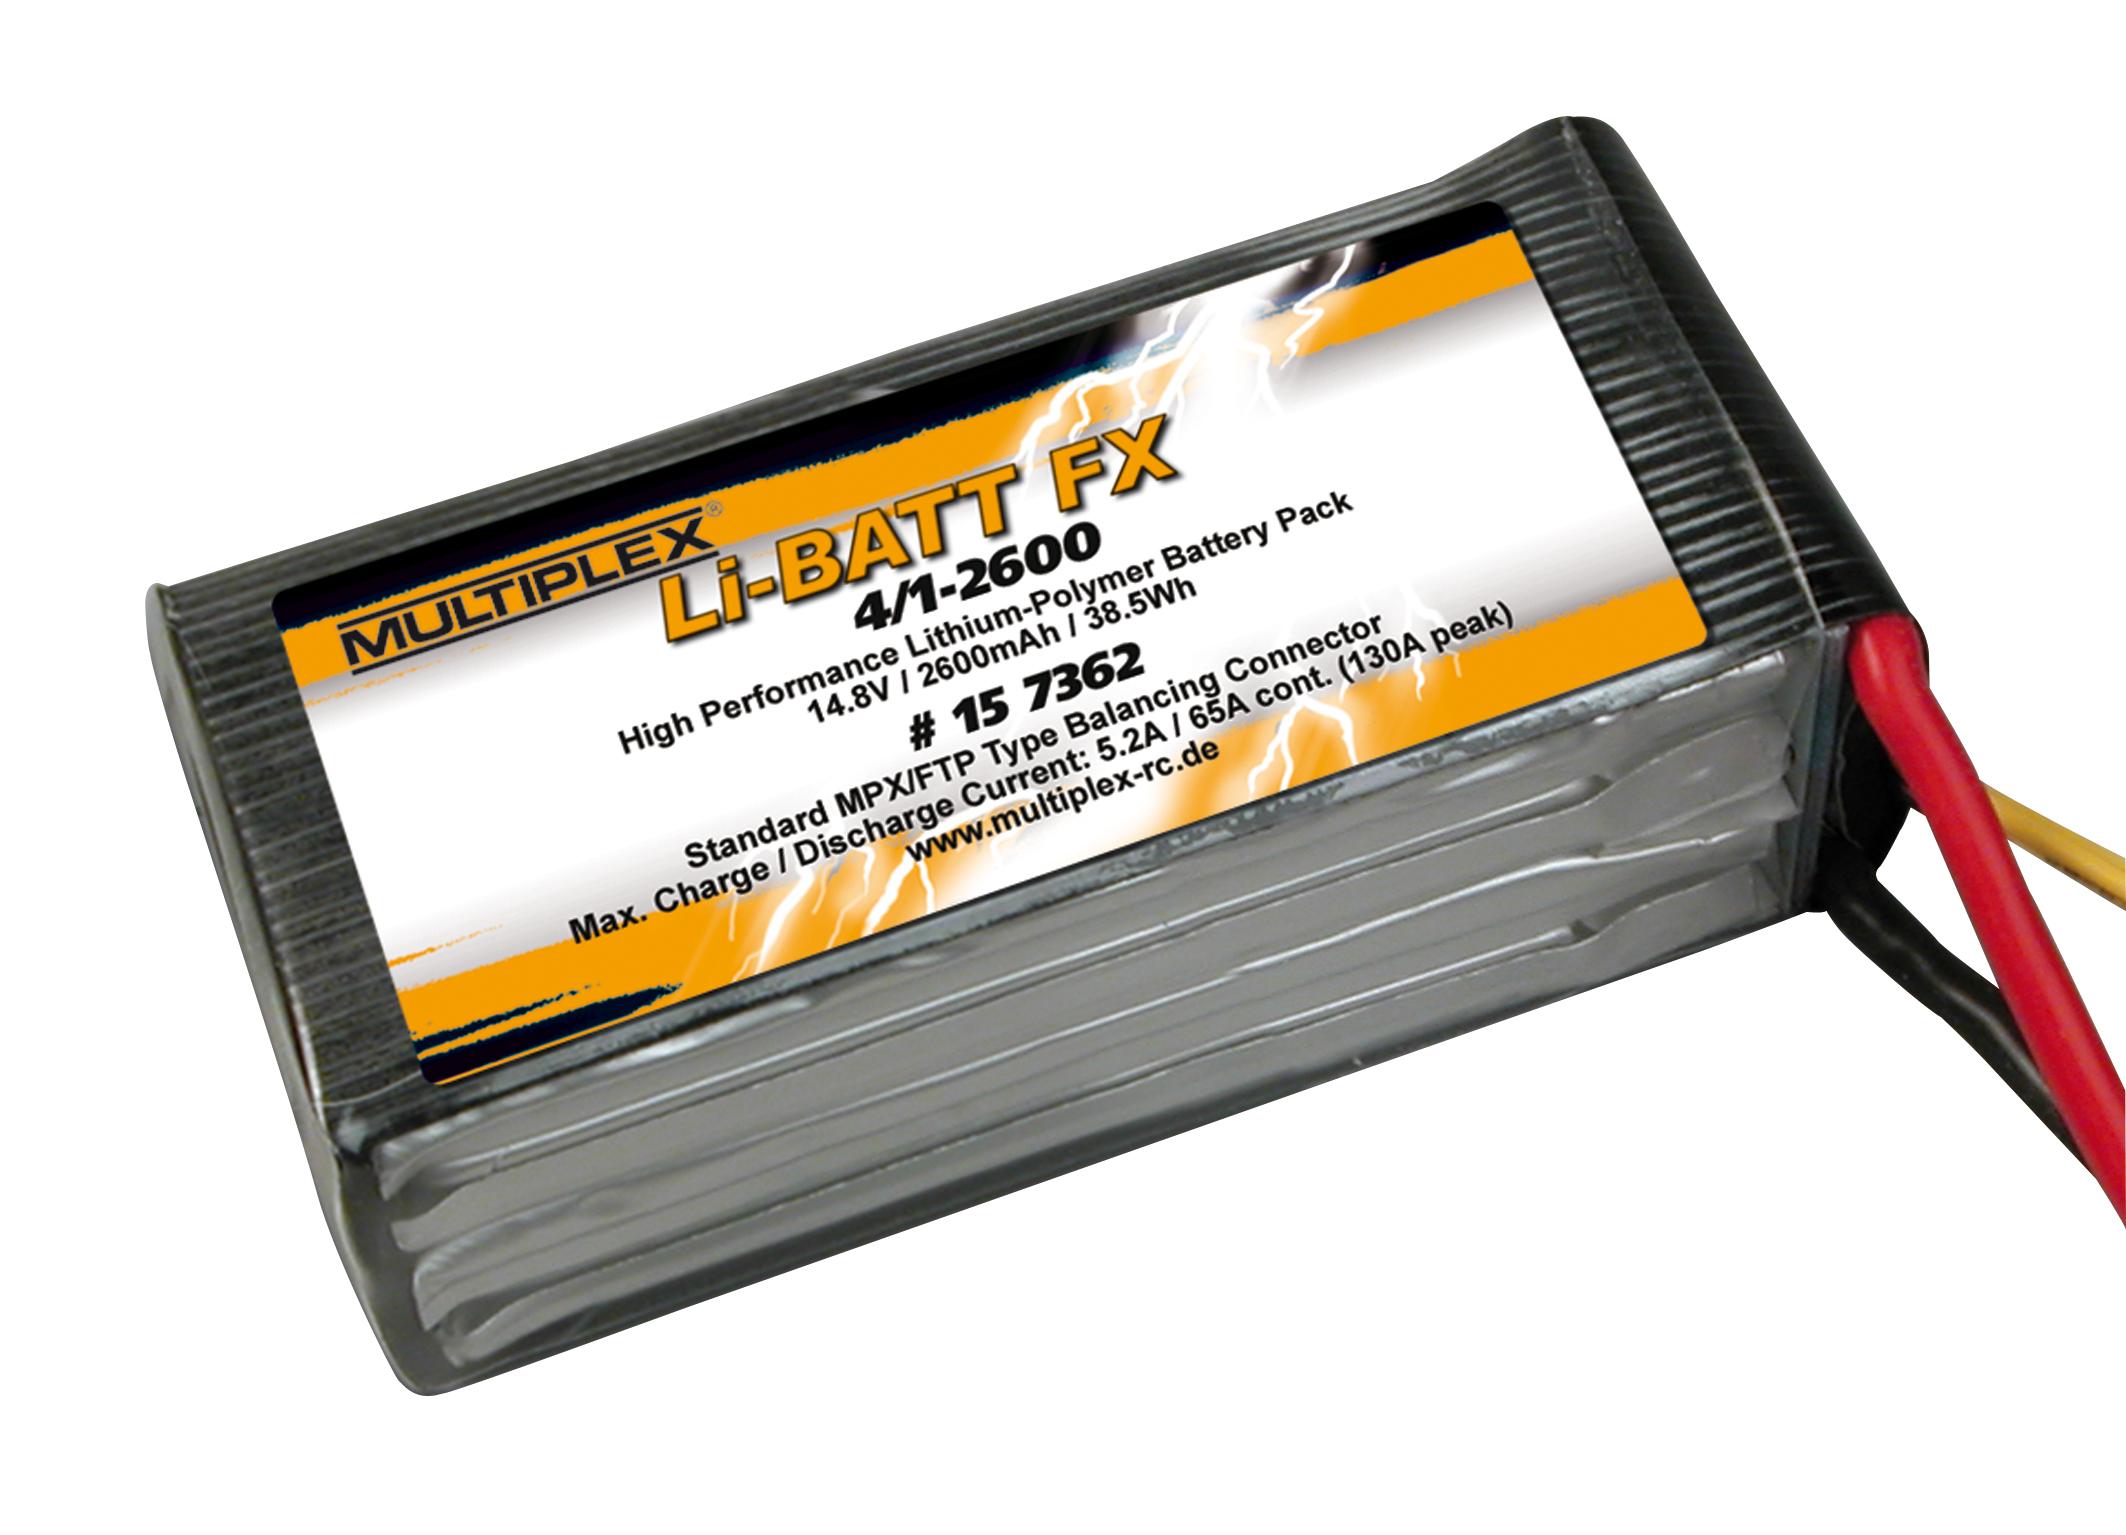 Akku Li-Batt FX 4/1-2600 (M6)